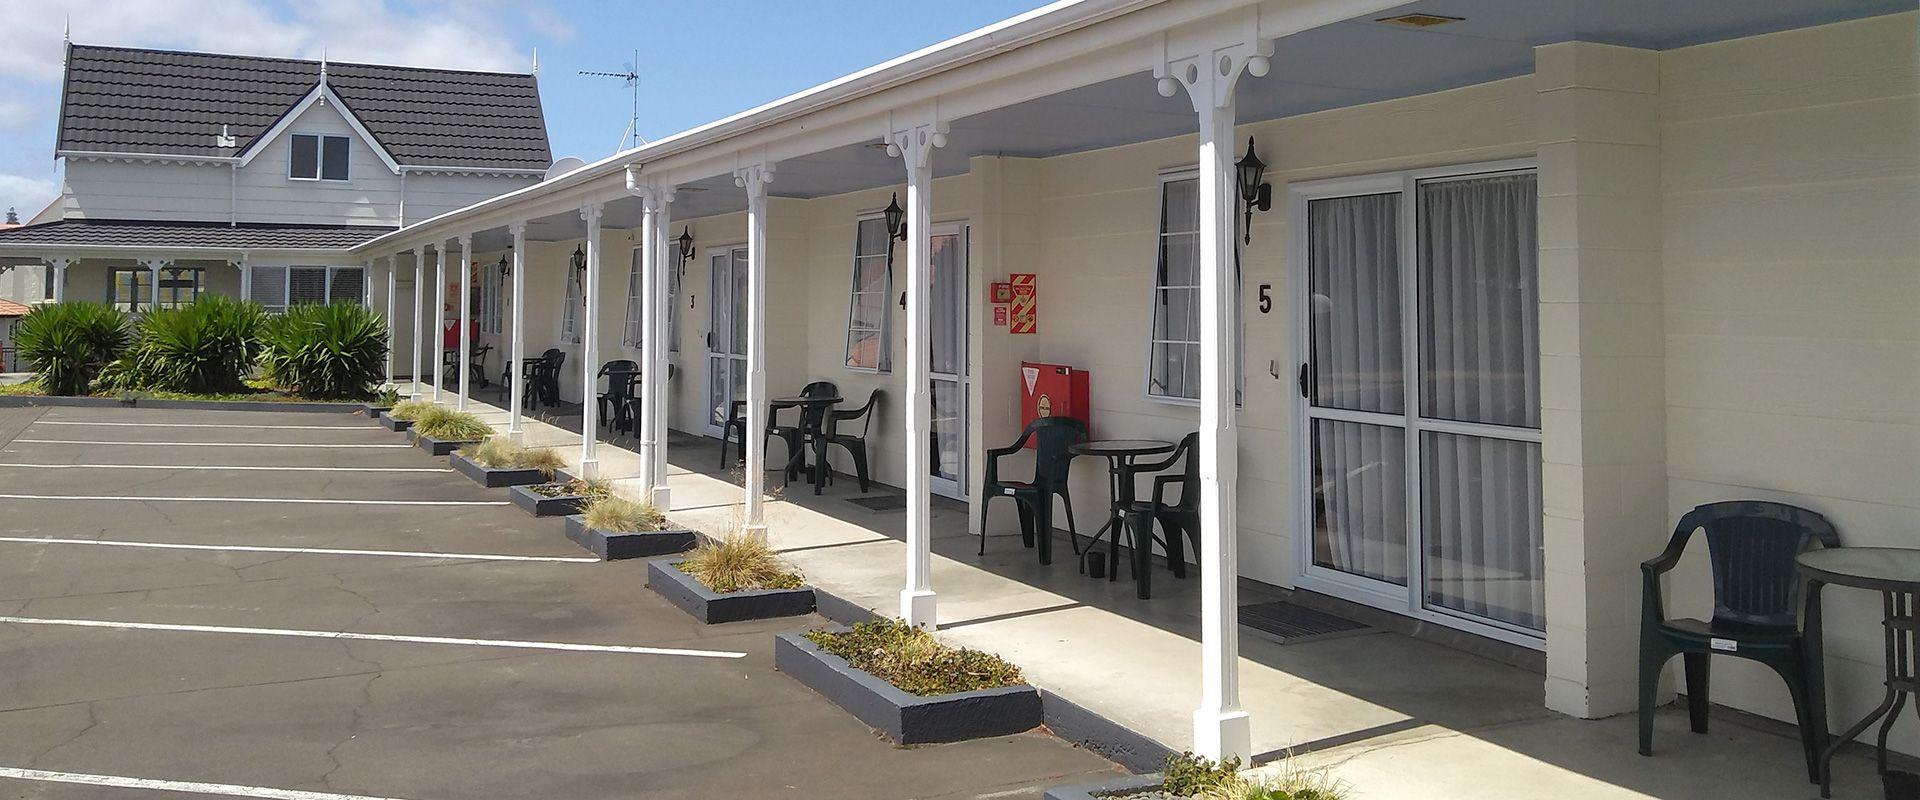 motel in Whanganui